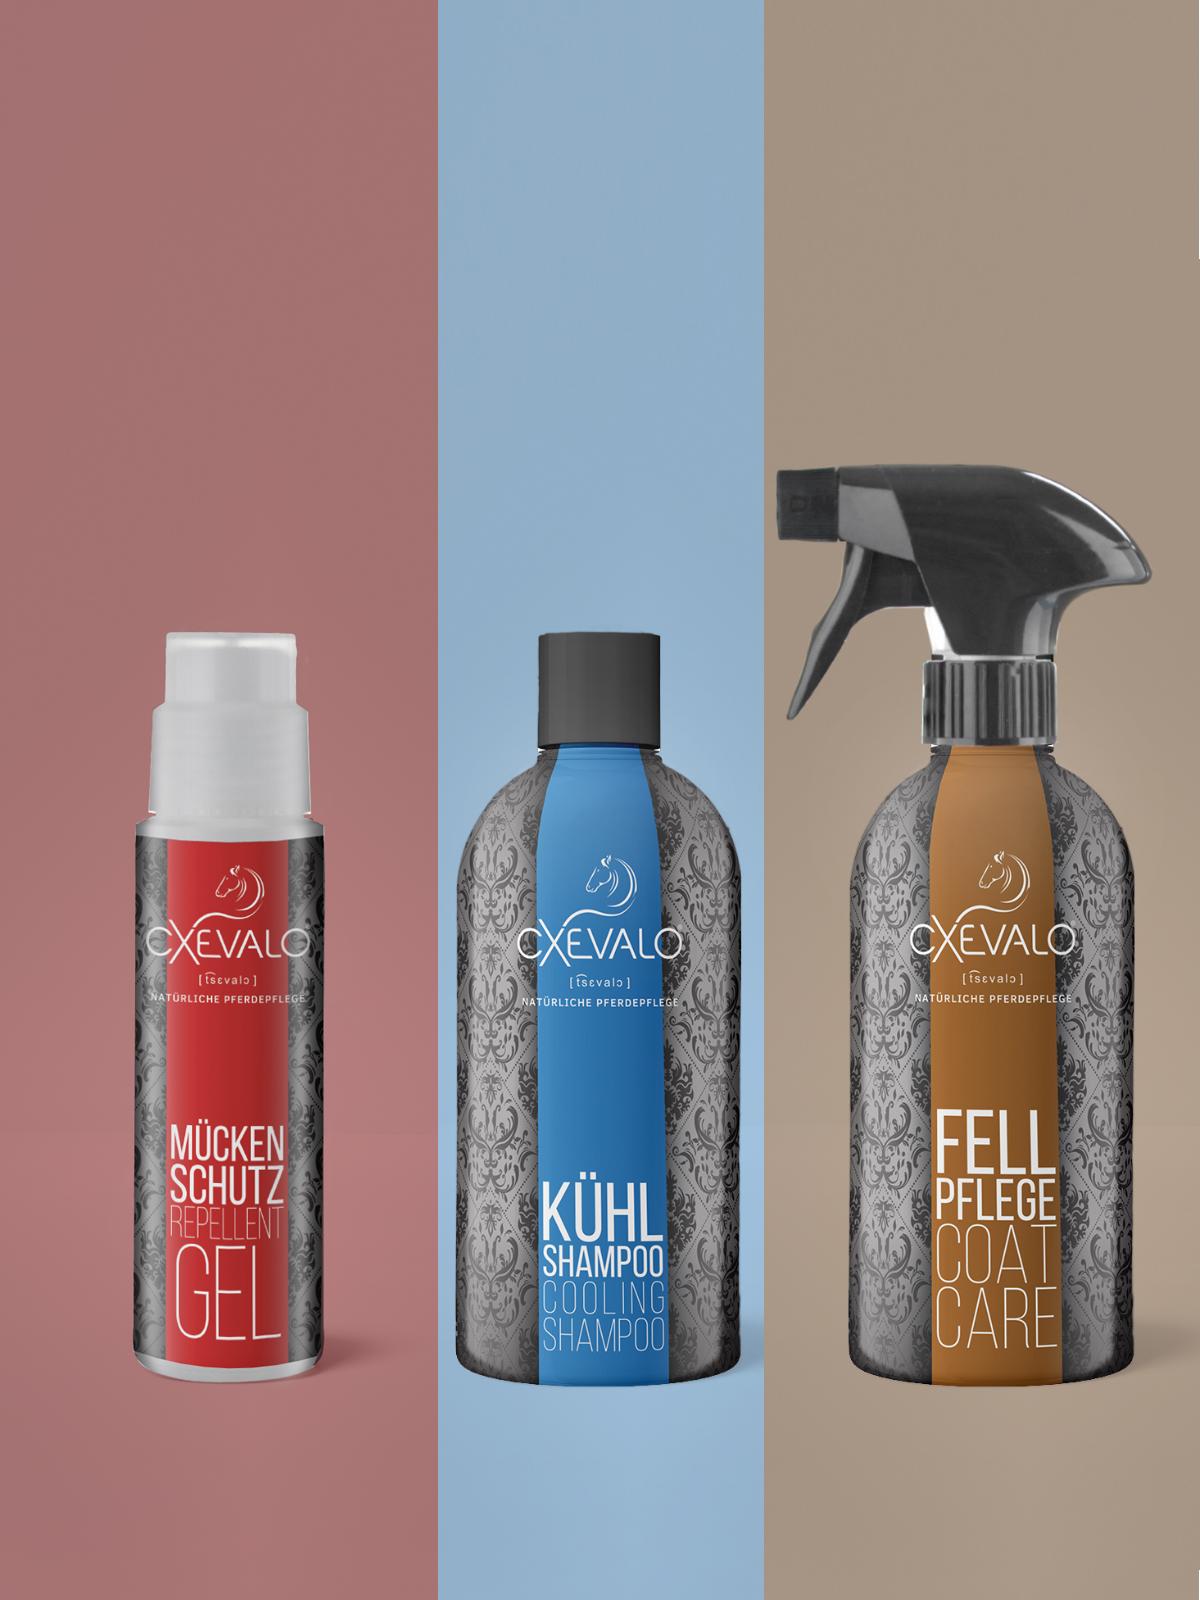 Die CXEVALO Ekzemer-Pflegekombi light bestehend aus Mückenschutzgel, Kühlshampoo und Fellpflege